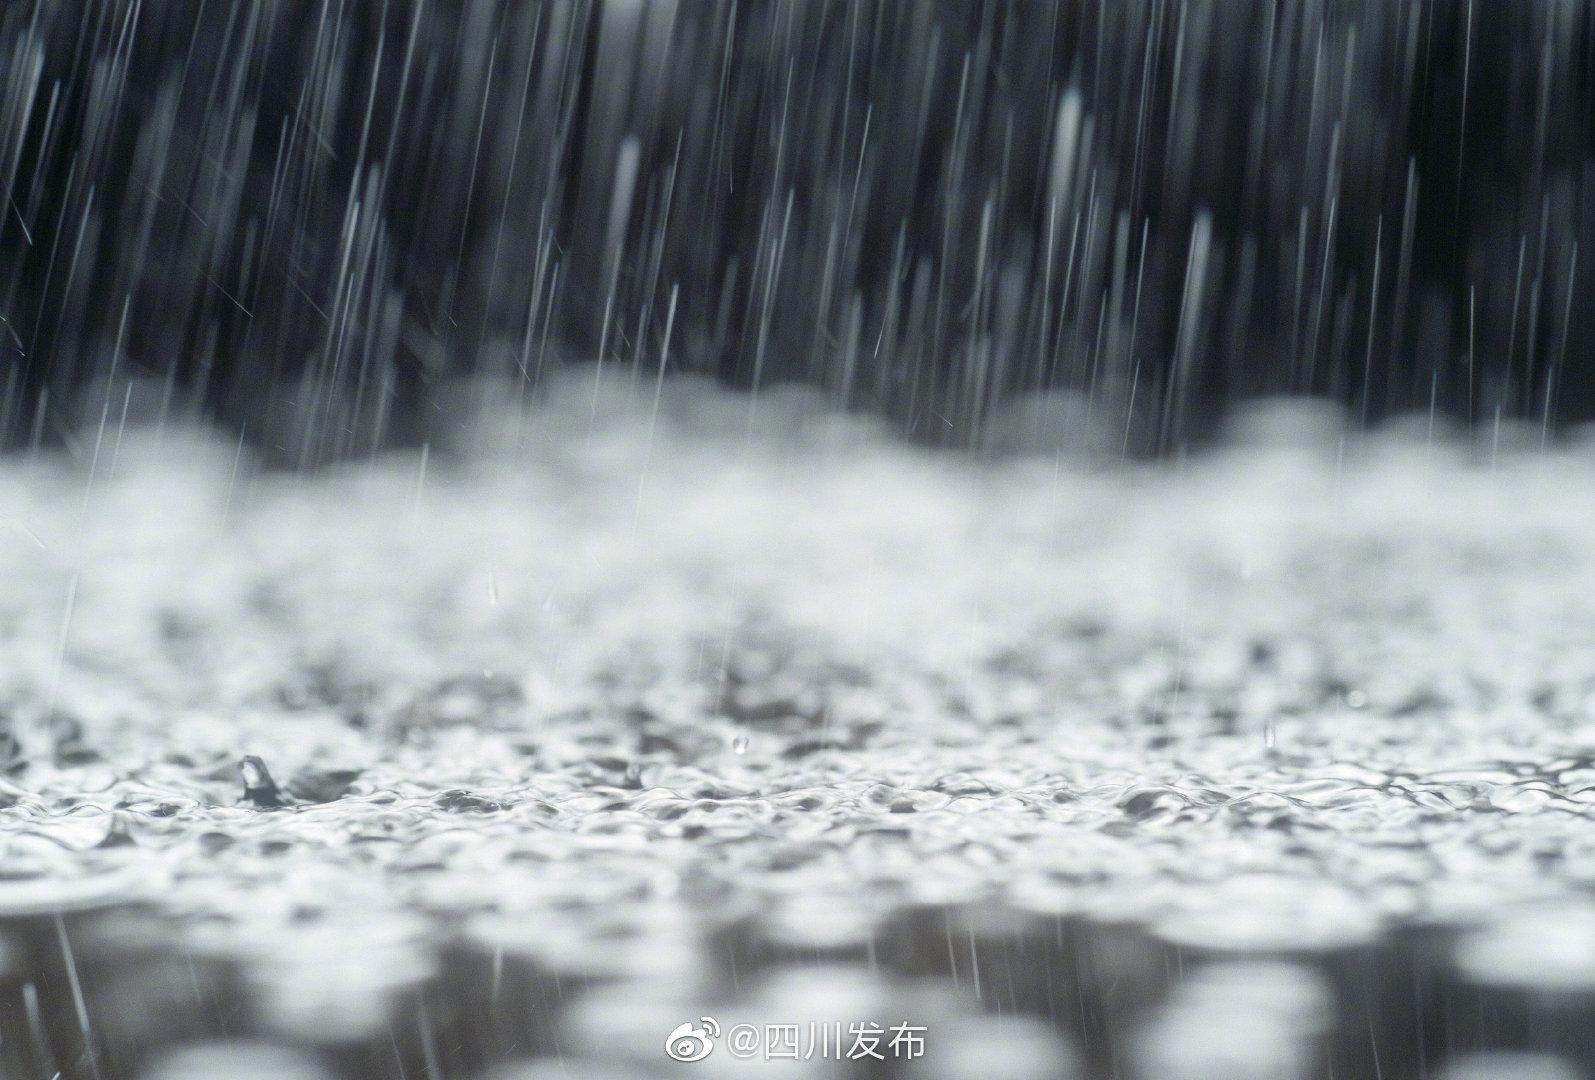 受暴雨影响 万源至达州方向多趟列车晚点